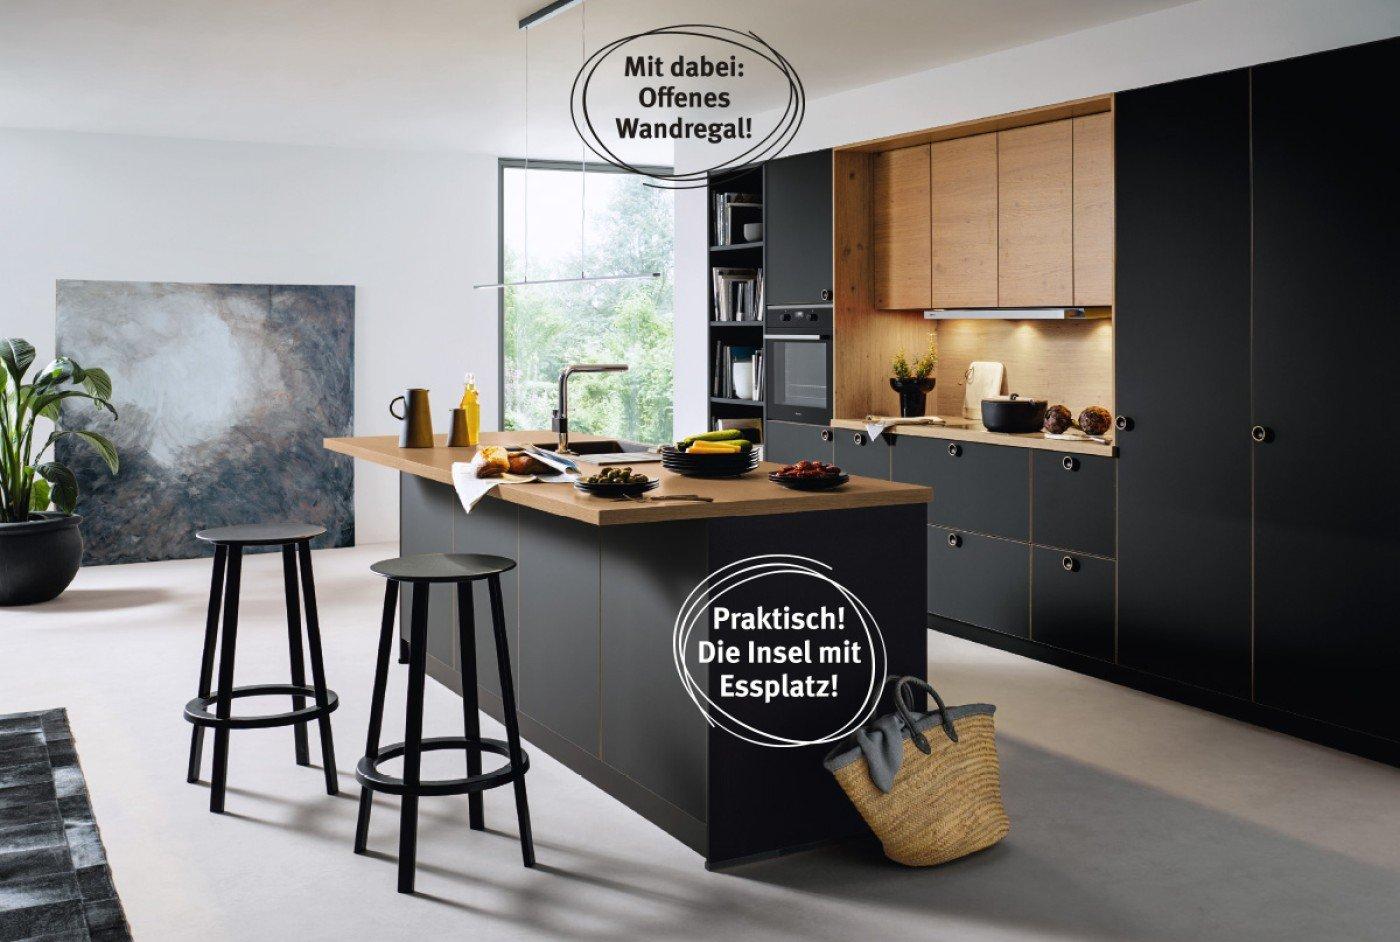 Küchenzeile mit Insel Fronten in Onyxschwarz und Asteiche natur Nachbildung